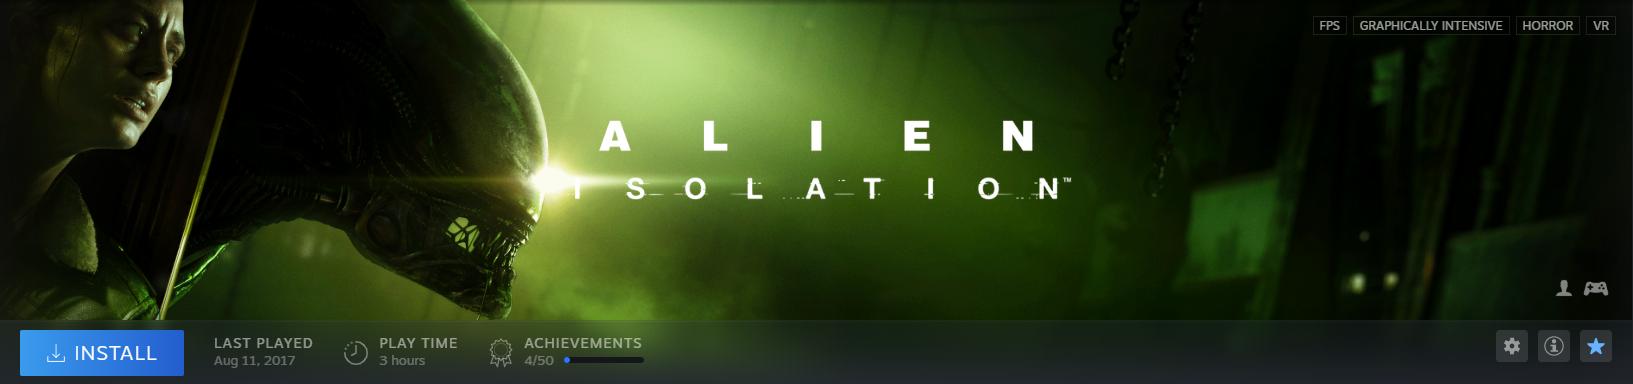 Alien Day: Alien: Isolation получила скидку 95% в Steam и многое другое